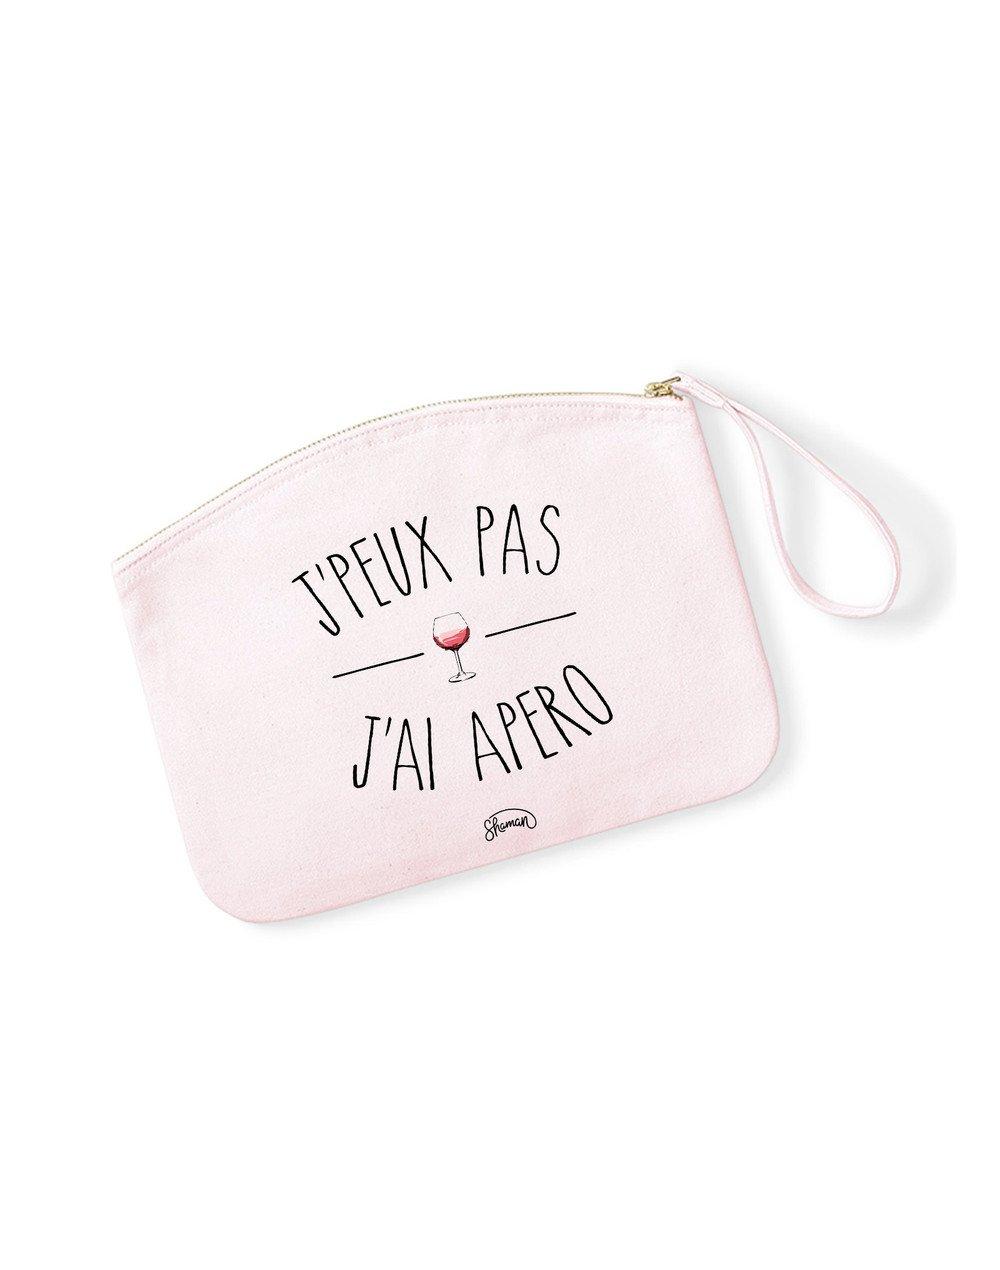 J'PEUX PAS J'AI APÉRO - Pochette Rose Pastel en coton